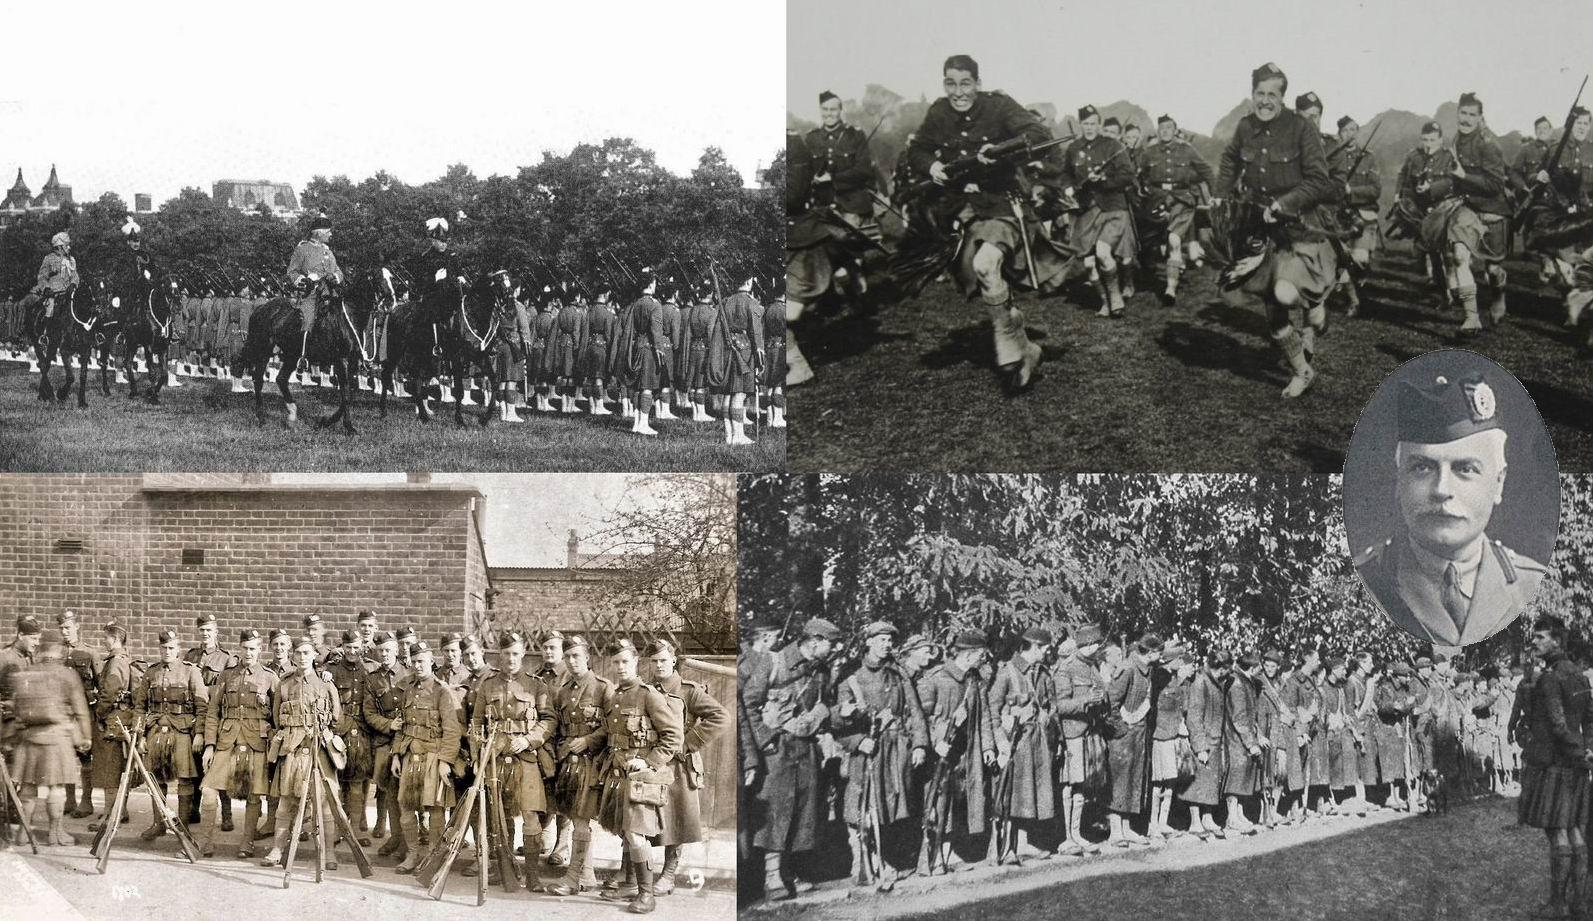 Лондонские шотландцы прославились героической штыковой контратакой  в ночь Хэллоуина 31 октября 1914г. Вверху слева — парад в Гайд-Парке, июнь 1913г. Вверху справа — позируют для фотооткрытки. Внизу слева — в Англии, 1914г. Внизу справа — построение на утро после знаменитого боя, в строю осталось меньше половины. Подполковник Малкольм — портрет внизу справа и офицер верхом на переднем плане в светлой форме (вверху слева).